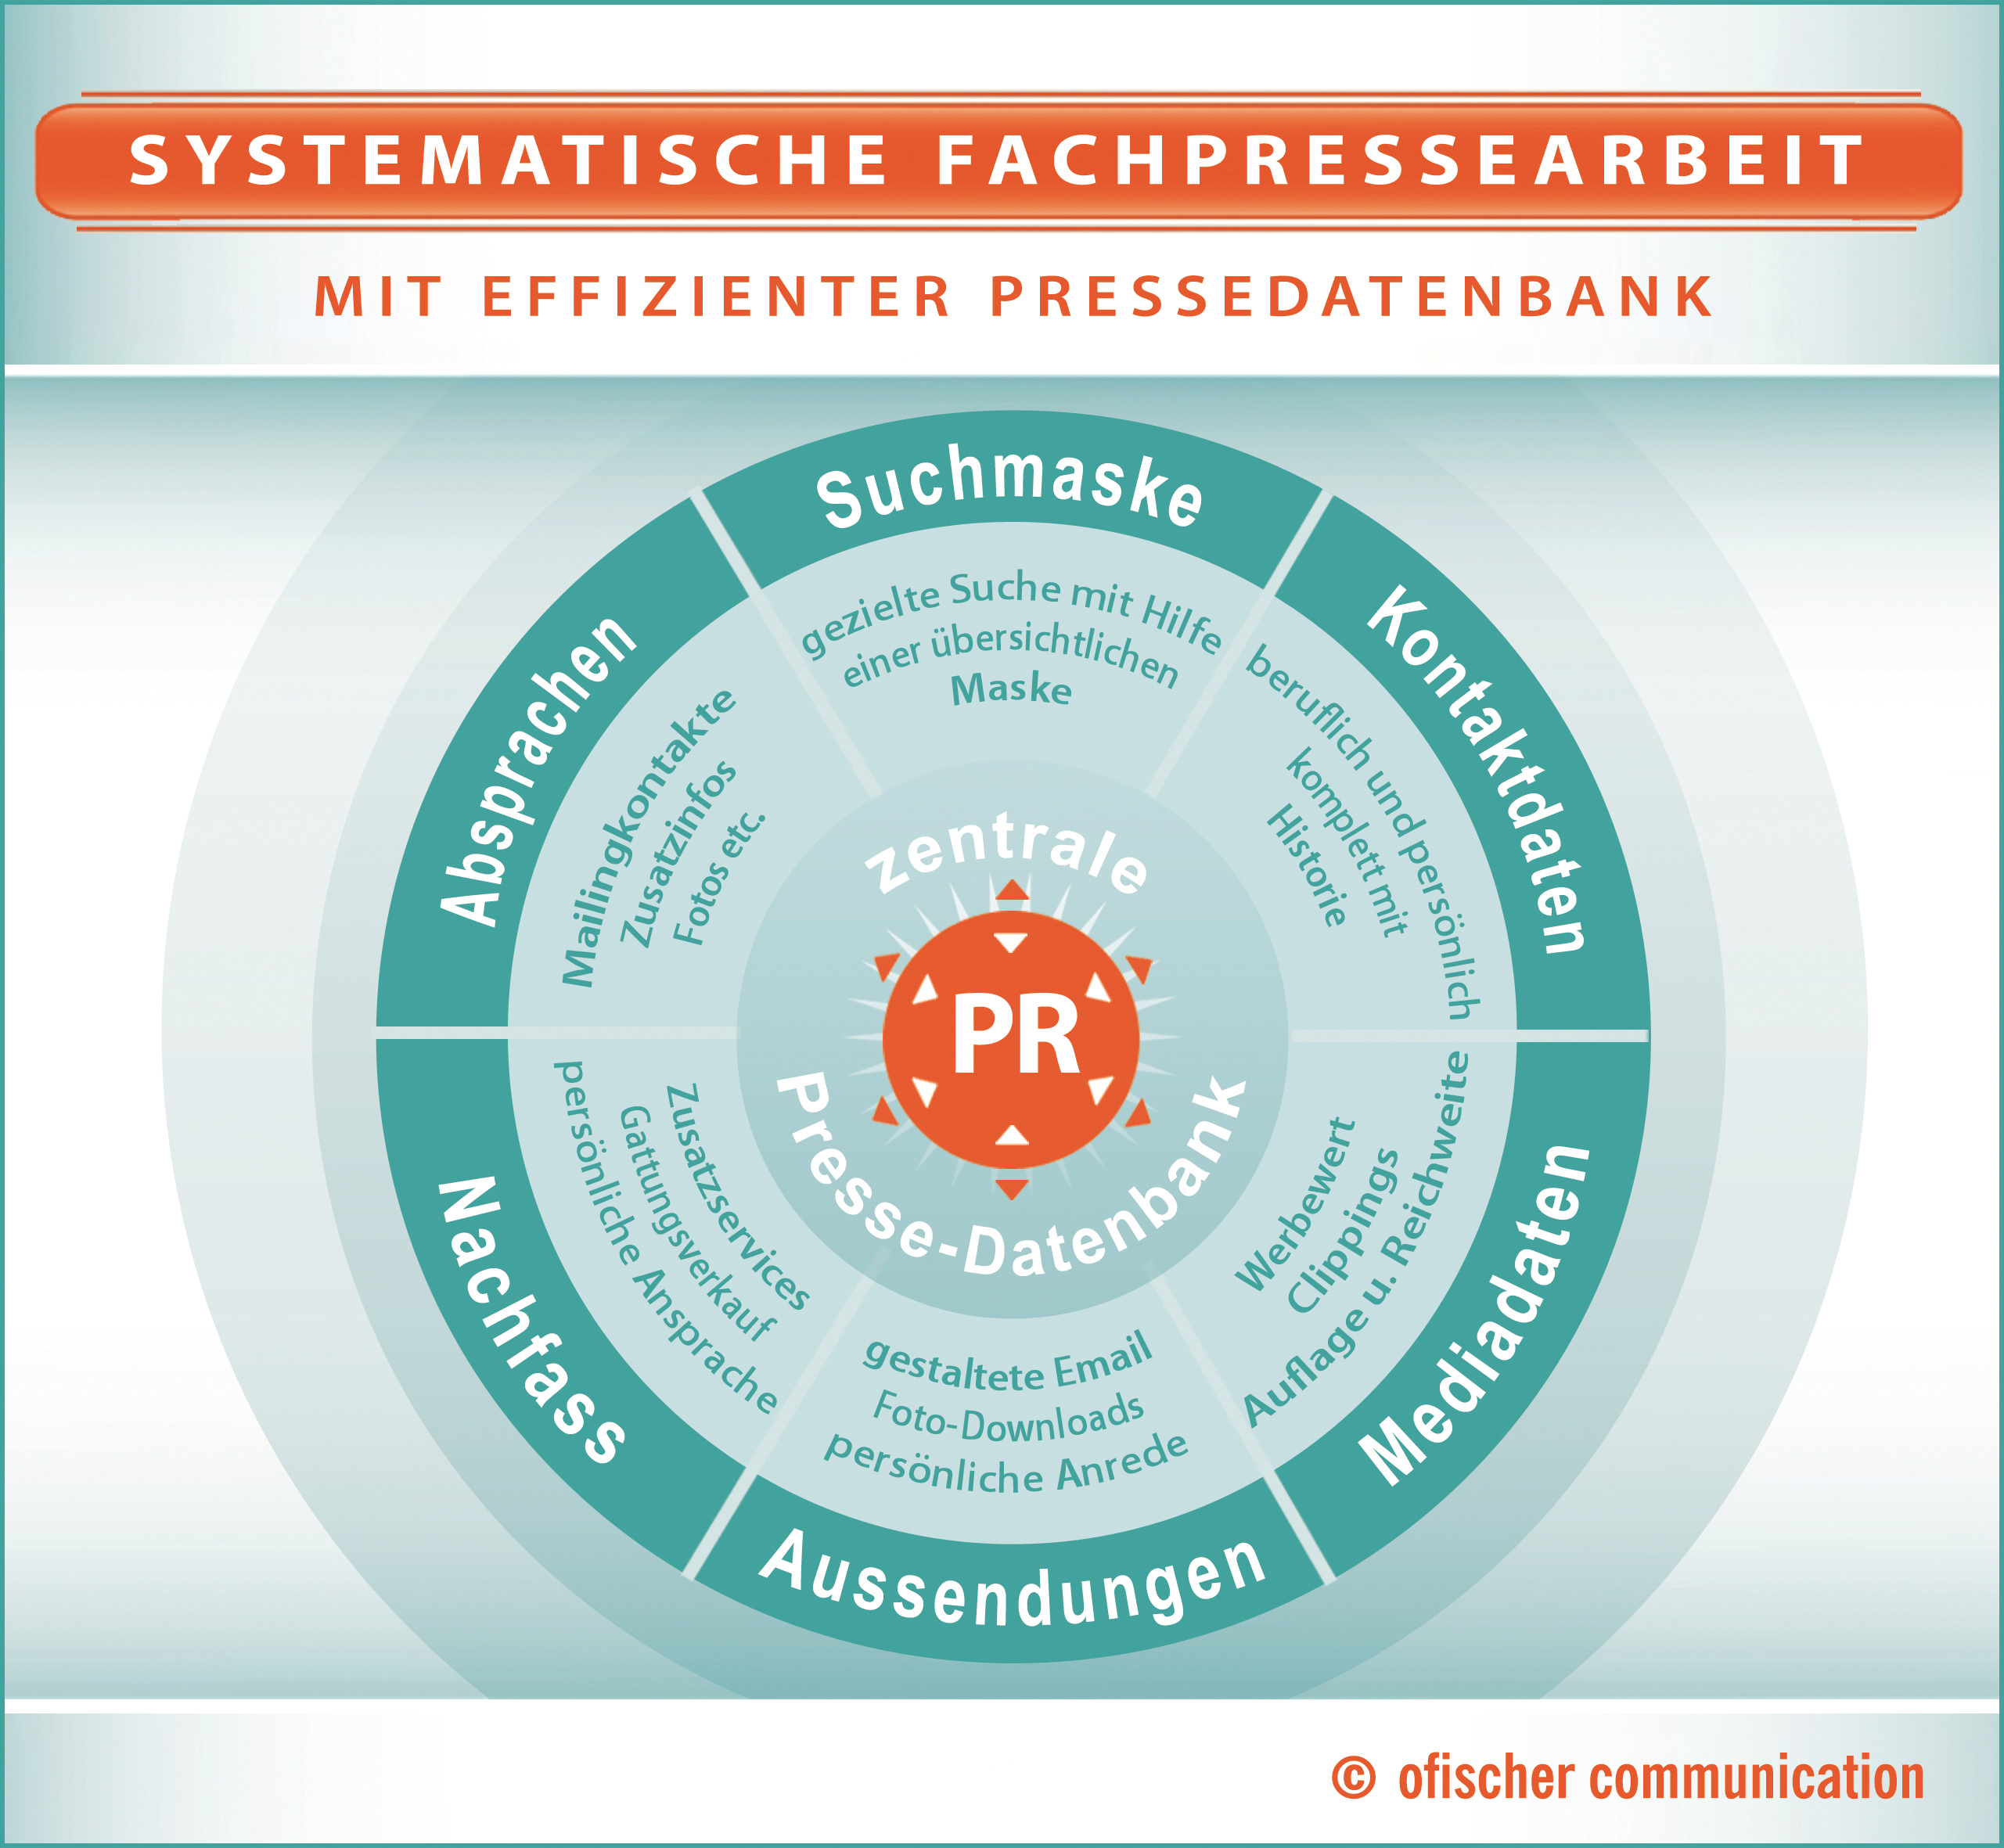 Customized Presseverteiler/ Fachpresseverteiler: zentrale Datenhaltung und zielgenaue Medienansprache für Pressekontakte.